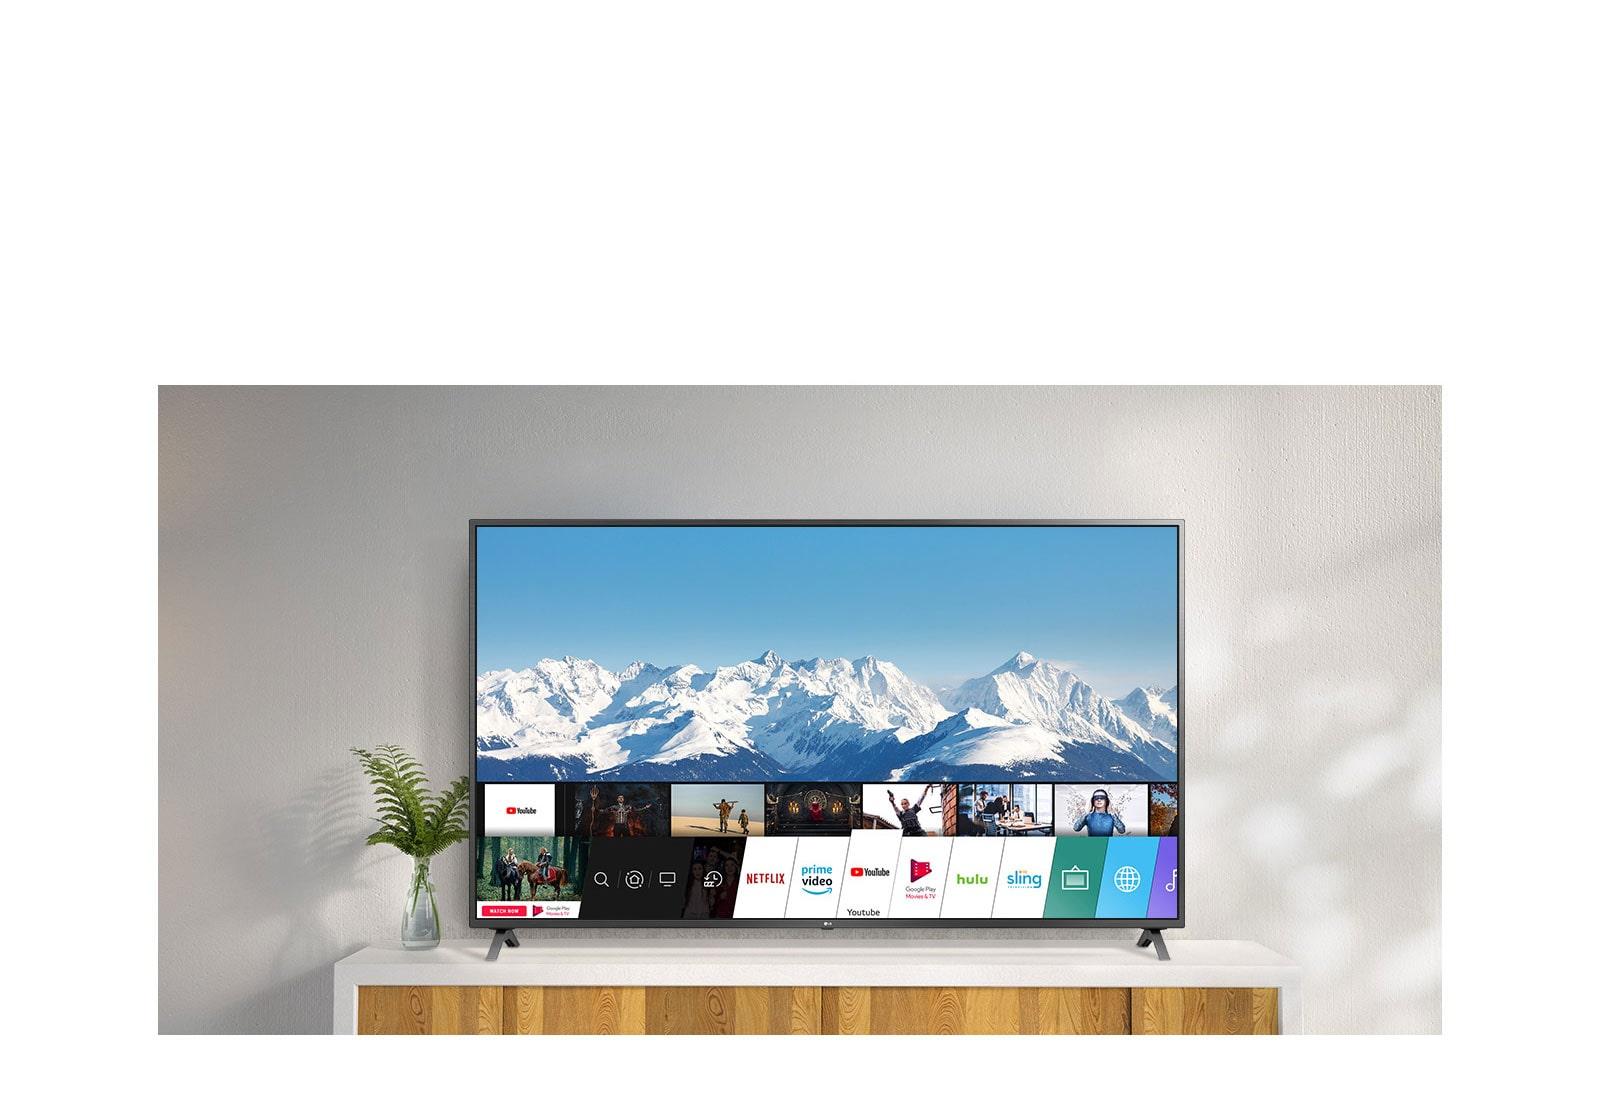 تلفزيون على حامل أبيض مقابل أحد الجدران البيضاء. شاشة تلفزيون تظهر الشاشة الرئيسية مع نظام webOS.